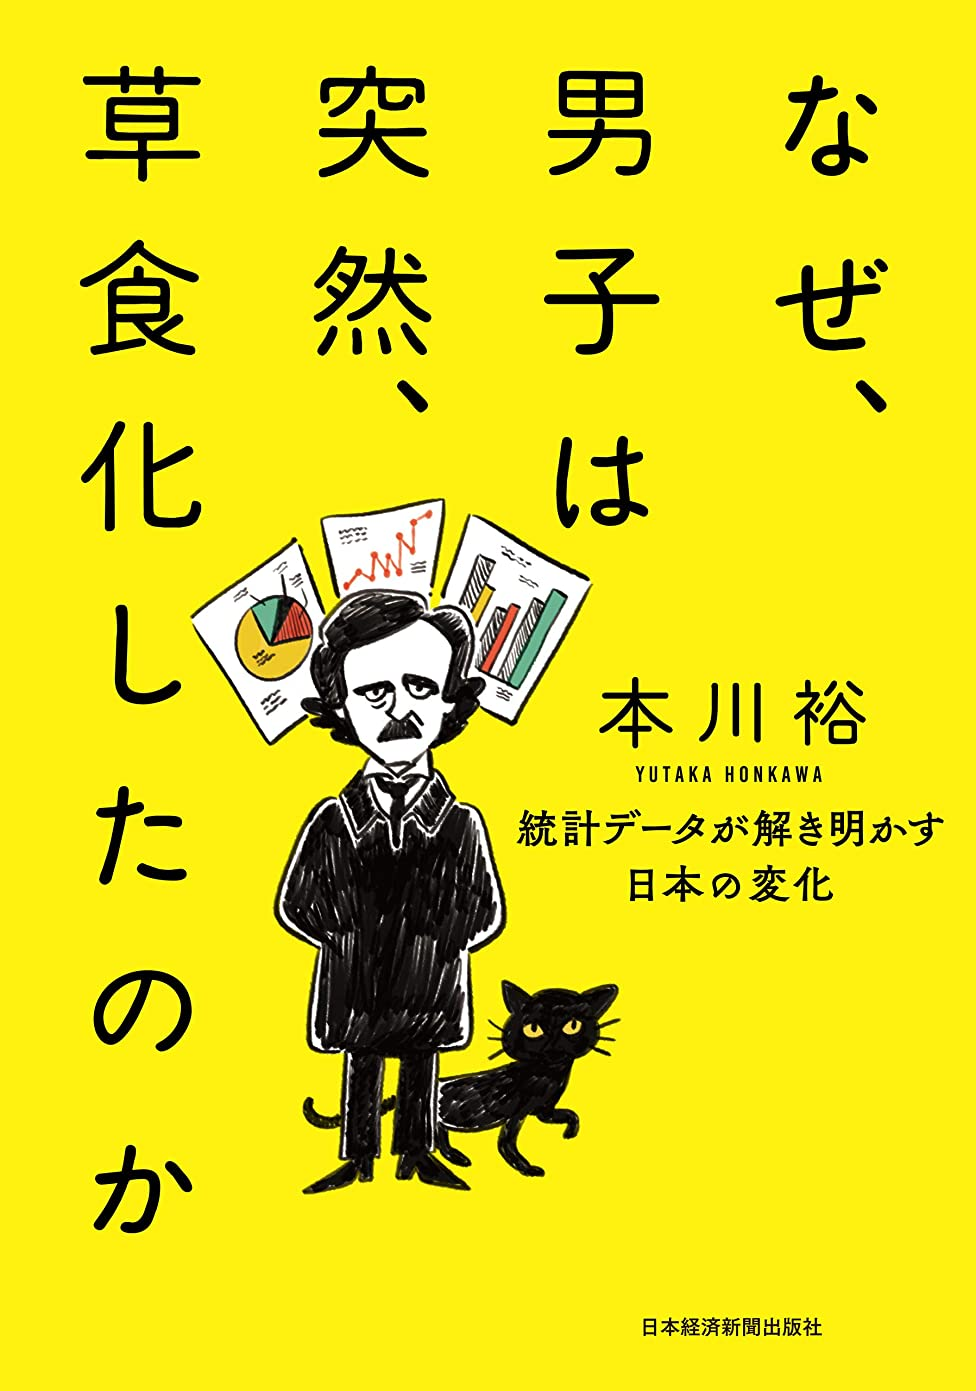 第二ブッシュマイナーなぜ、男子は突然、草食化したのか 統計データが解き明かす日本の変化